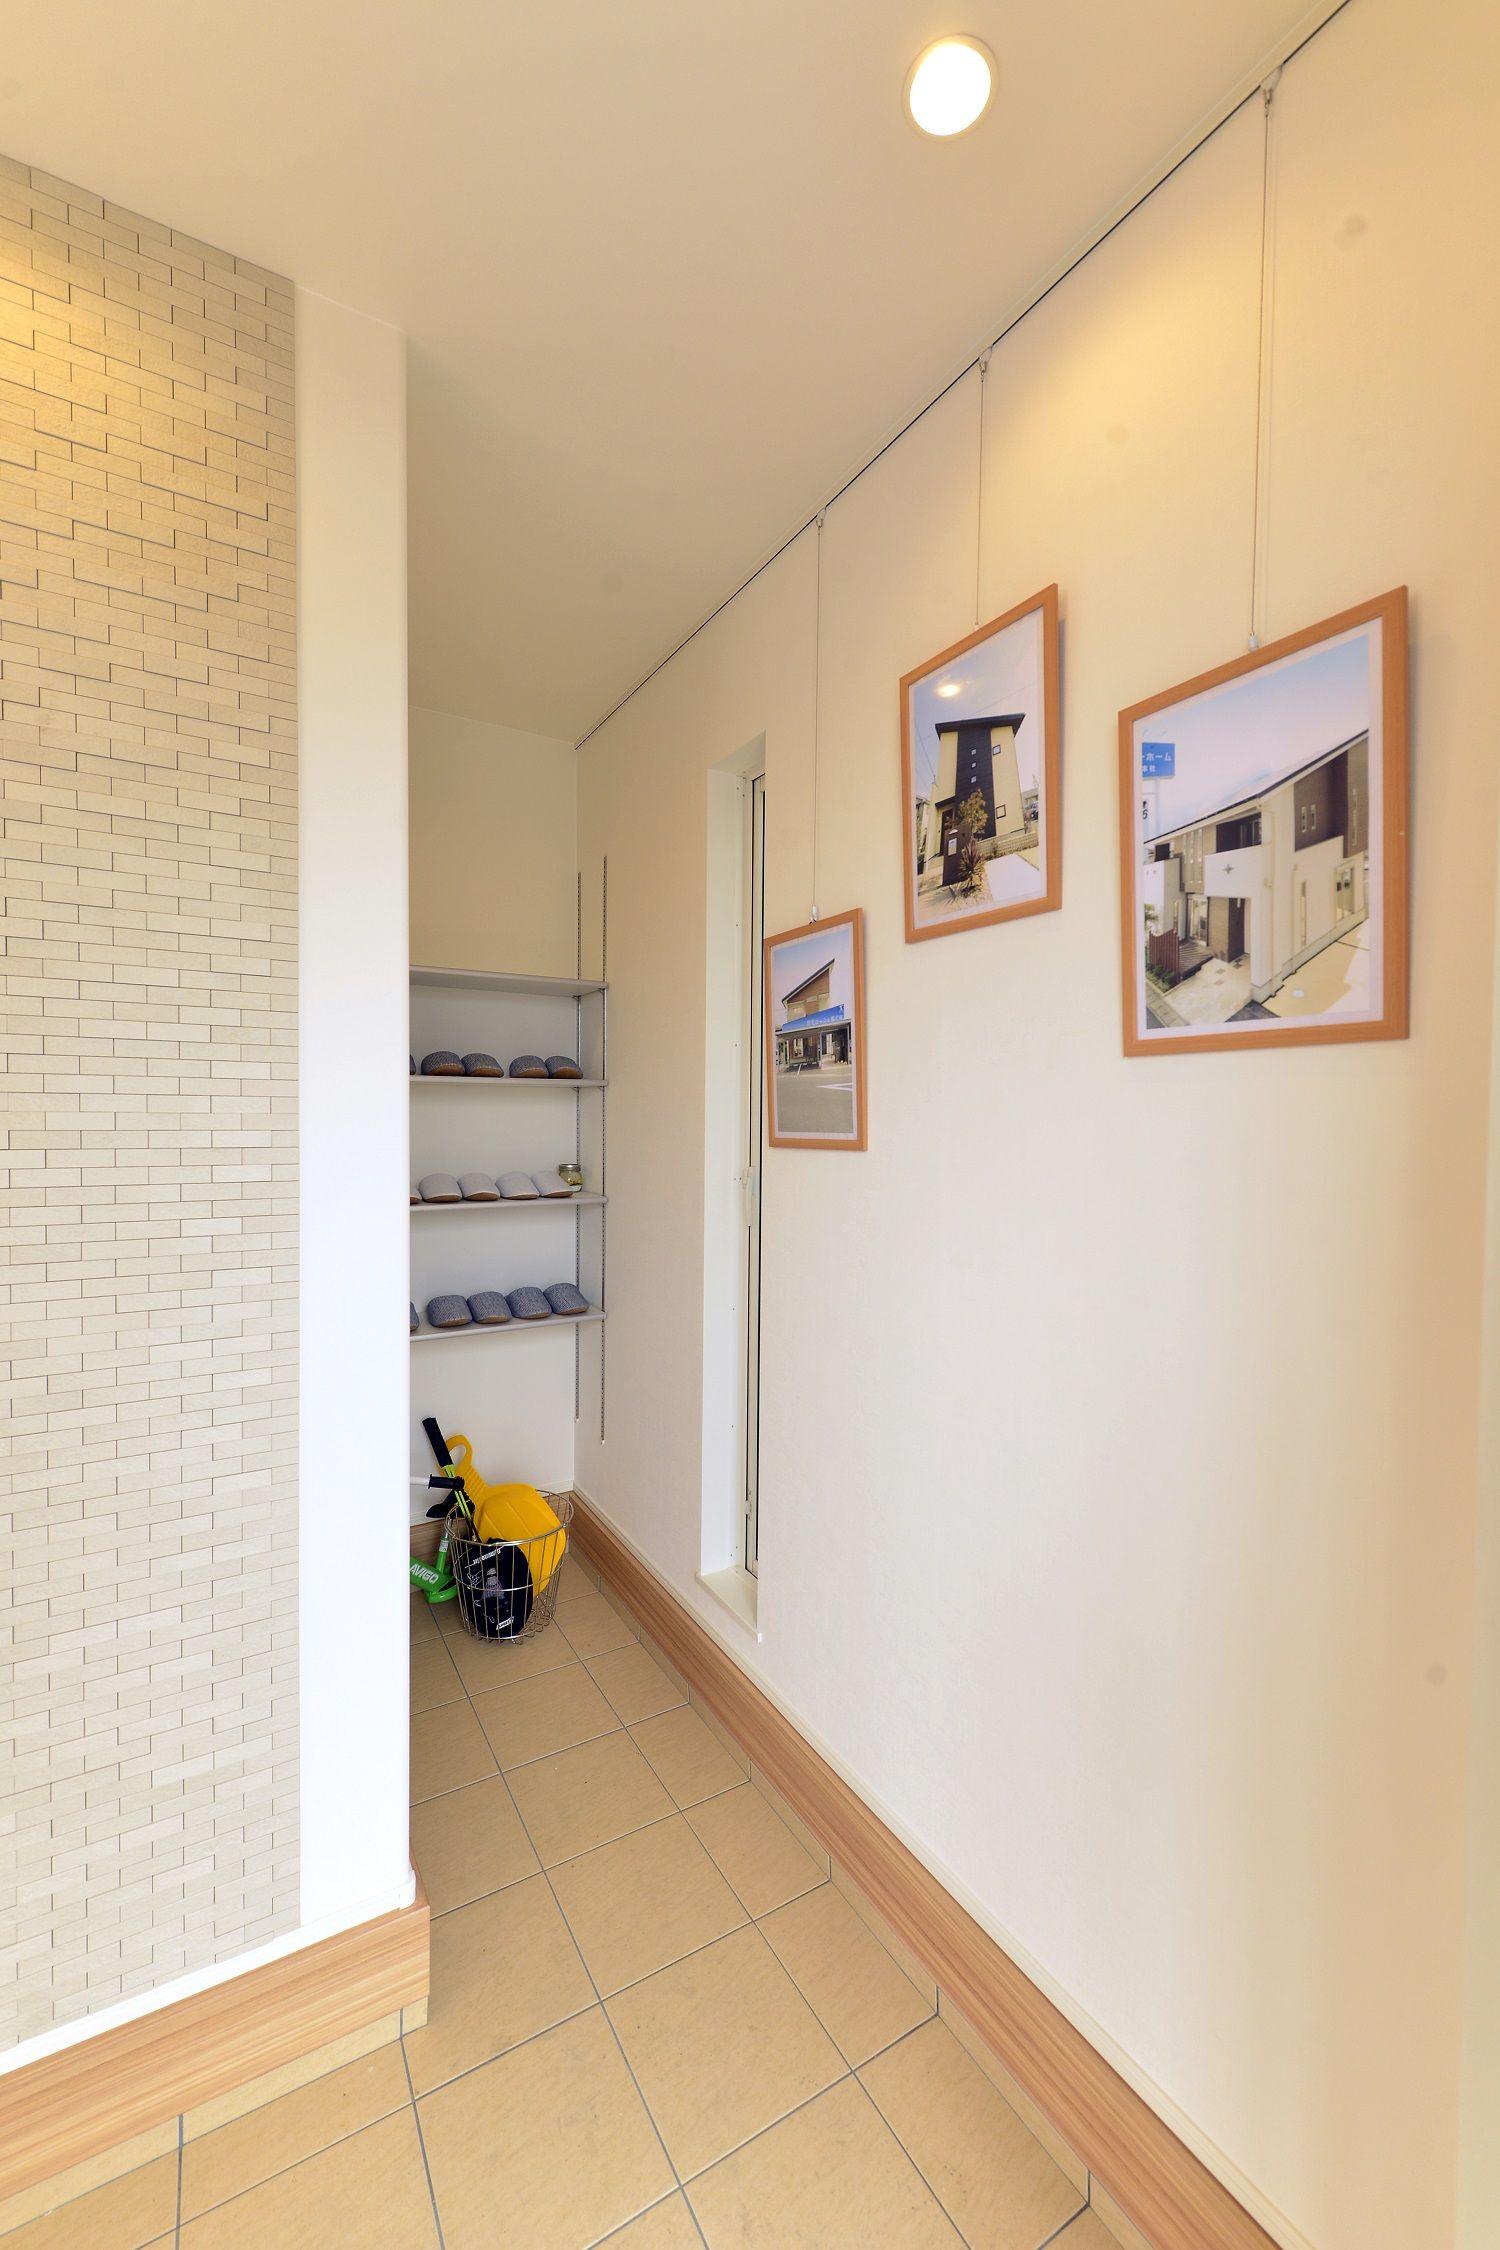 ヘルシーホーム 岡山西展示場 モデルハウス ピクチャーレールで写真を